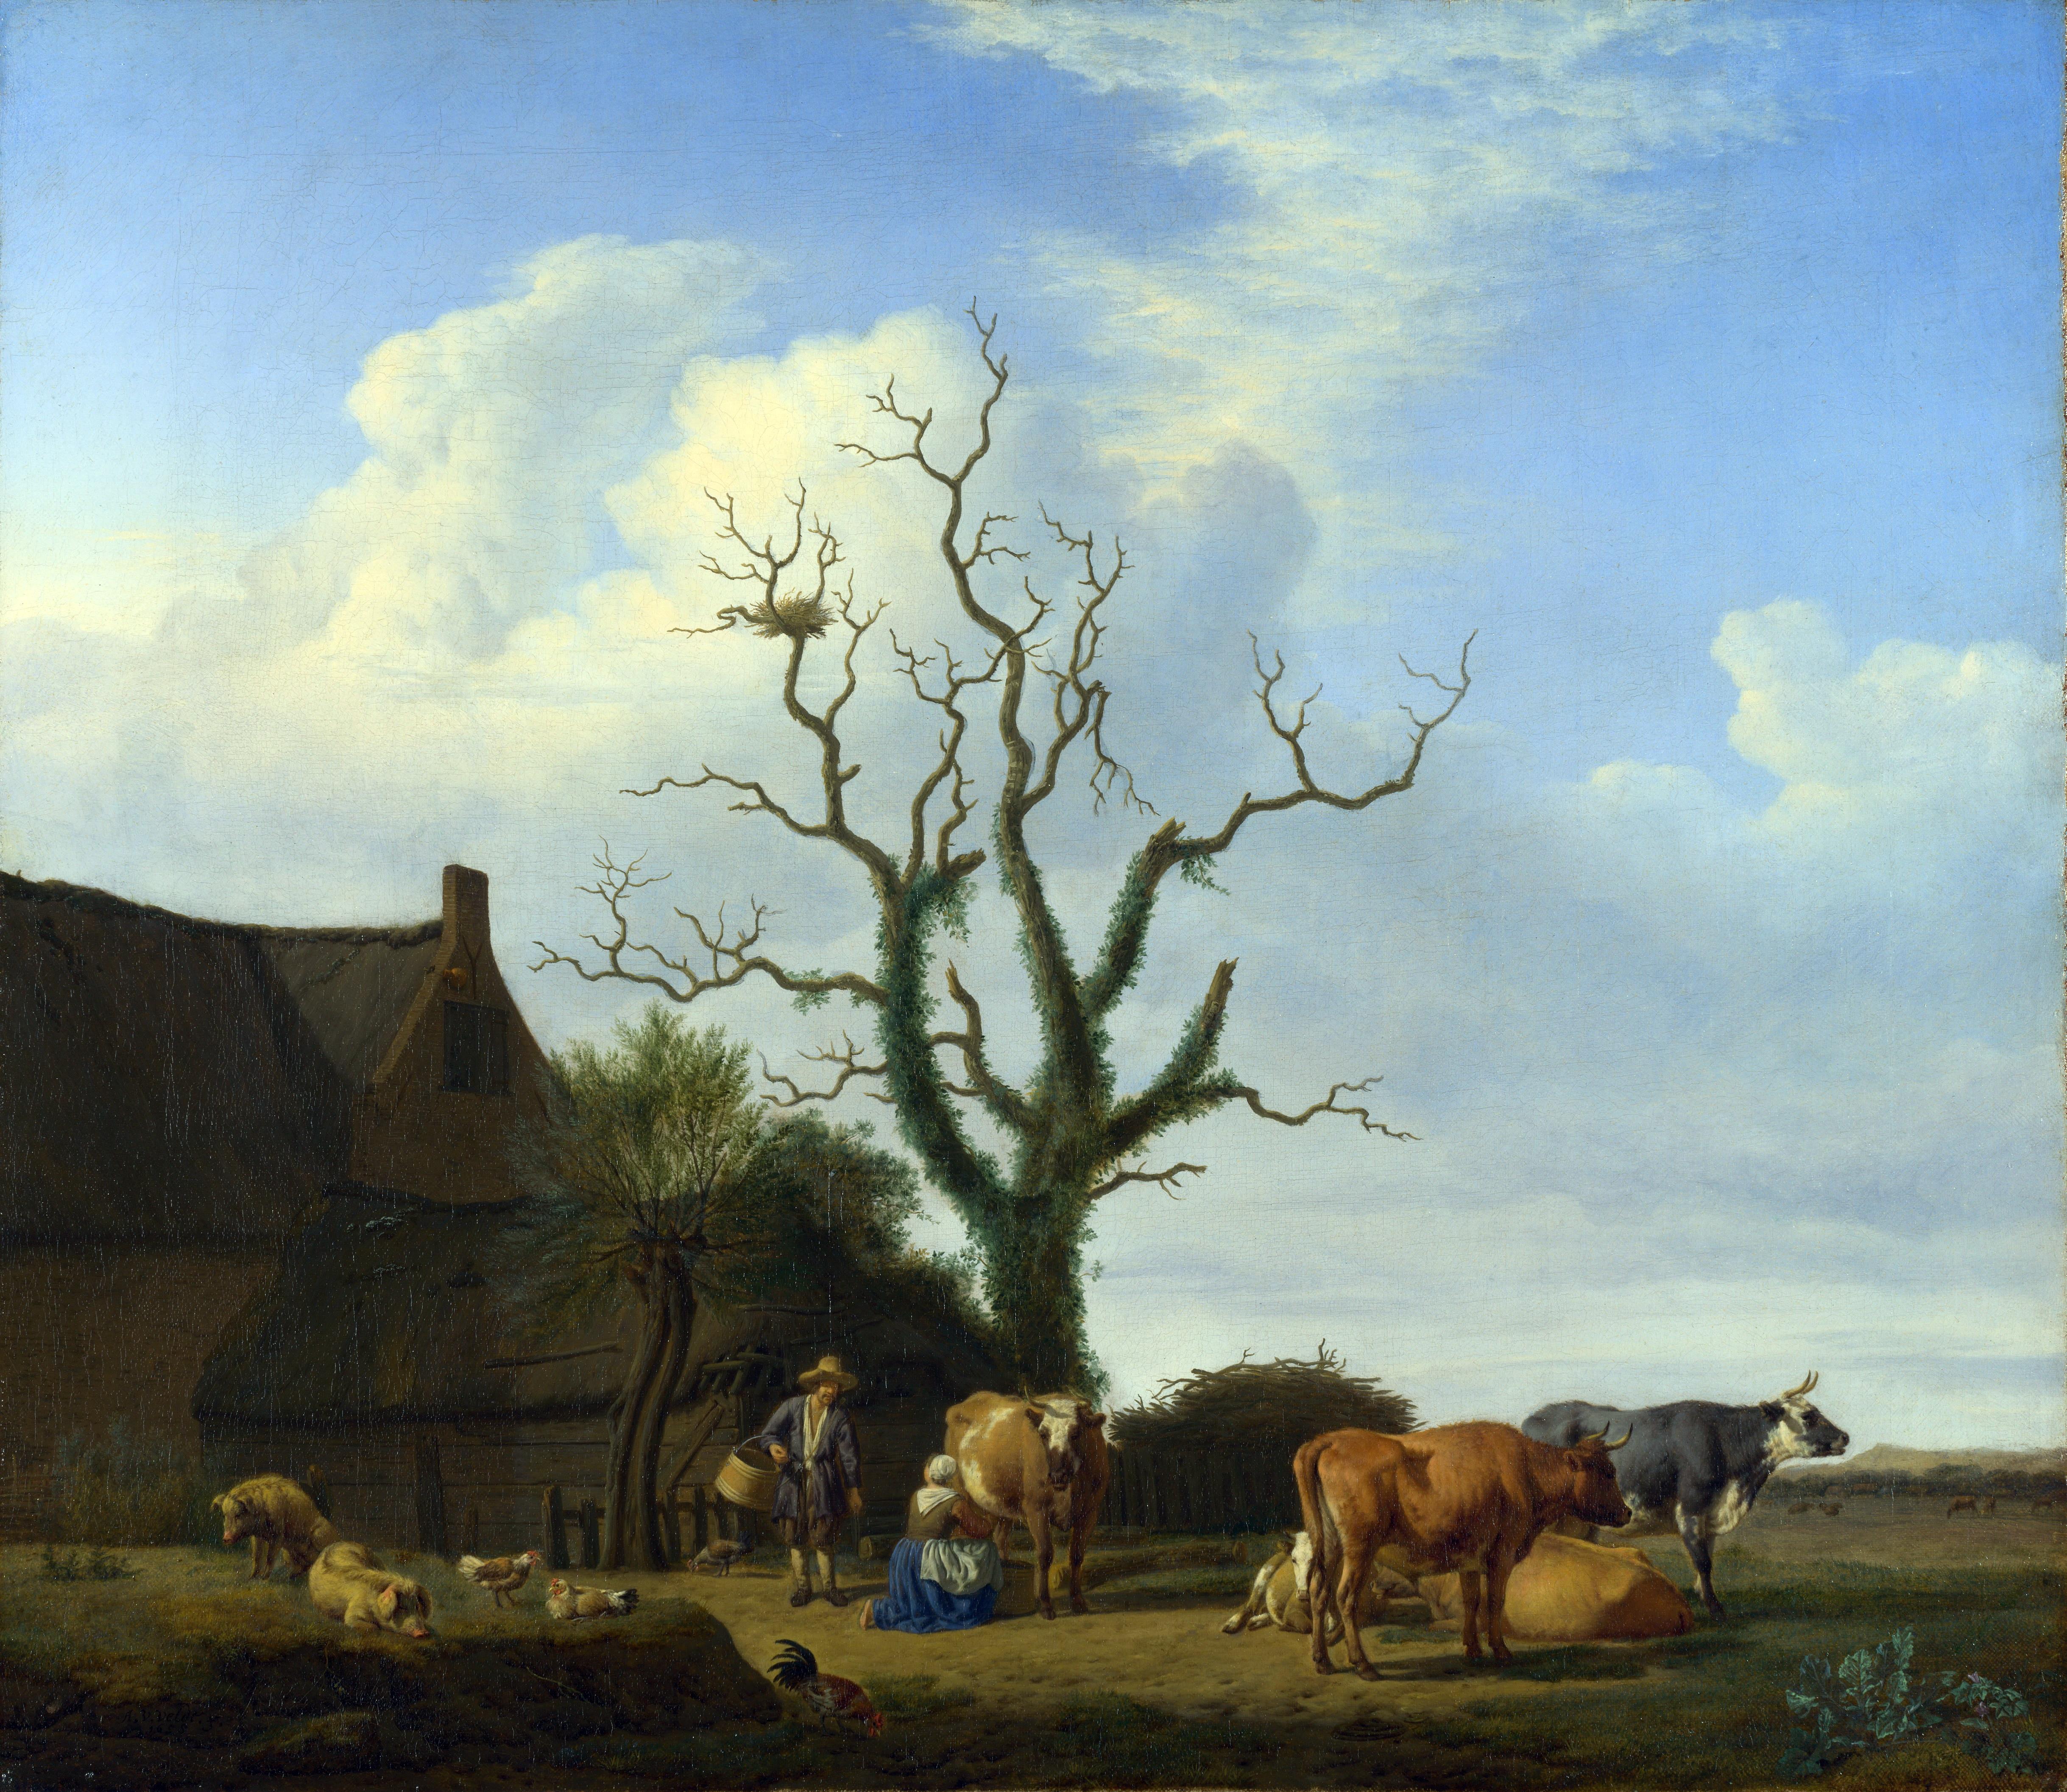 Adriaen_van_de_Velde_-_Een_boerderij_met_een_dode_boom_(1658)